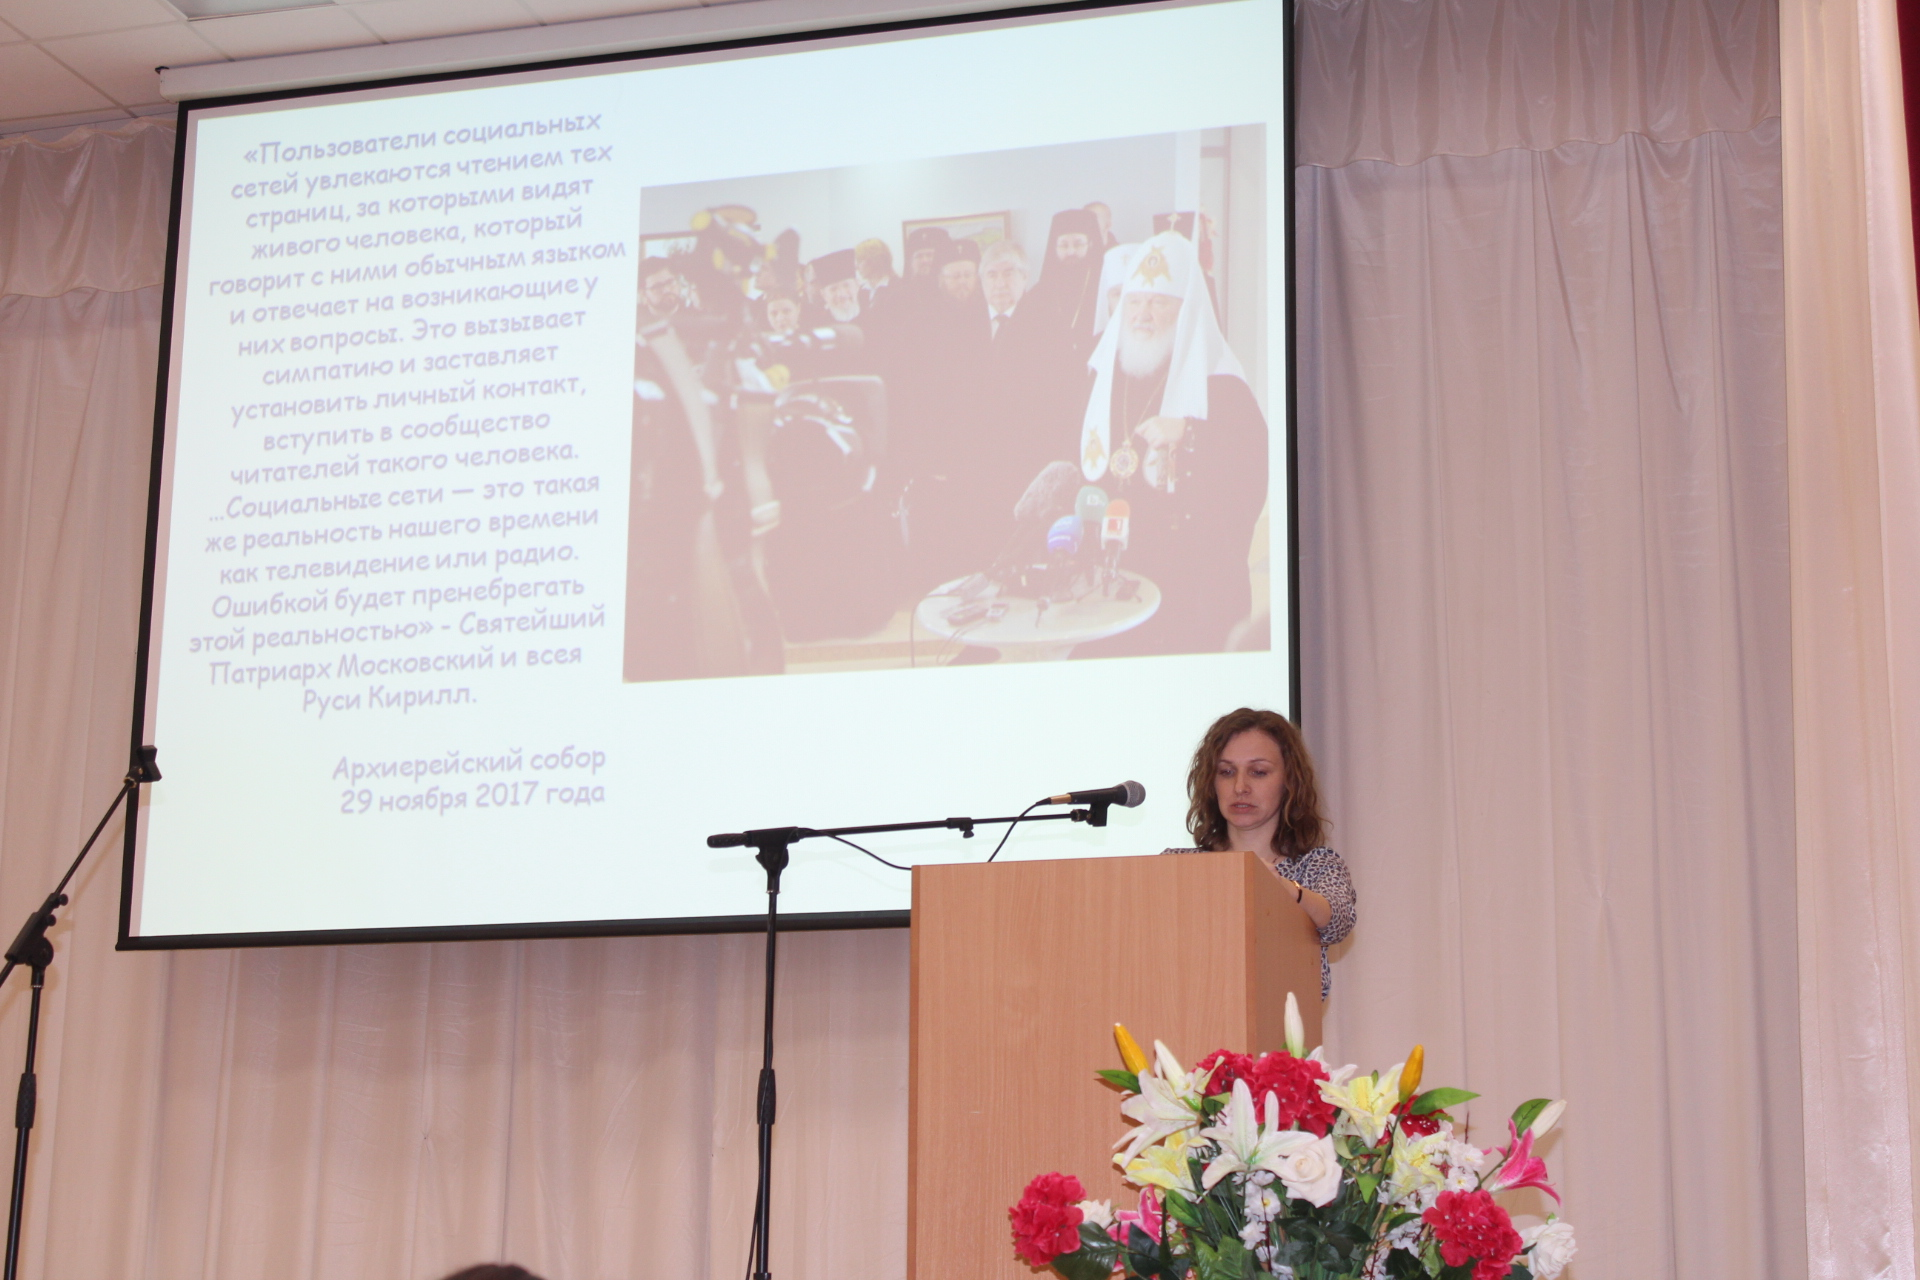 30 марта в Городецкой епархии руководитель Службы коммуникаций Синодального отдела по делам молодежи провела обучение по информационной работе